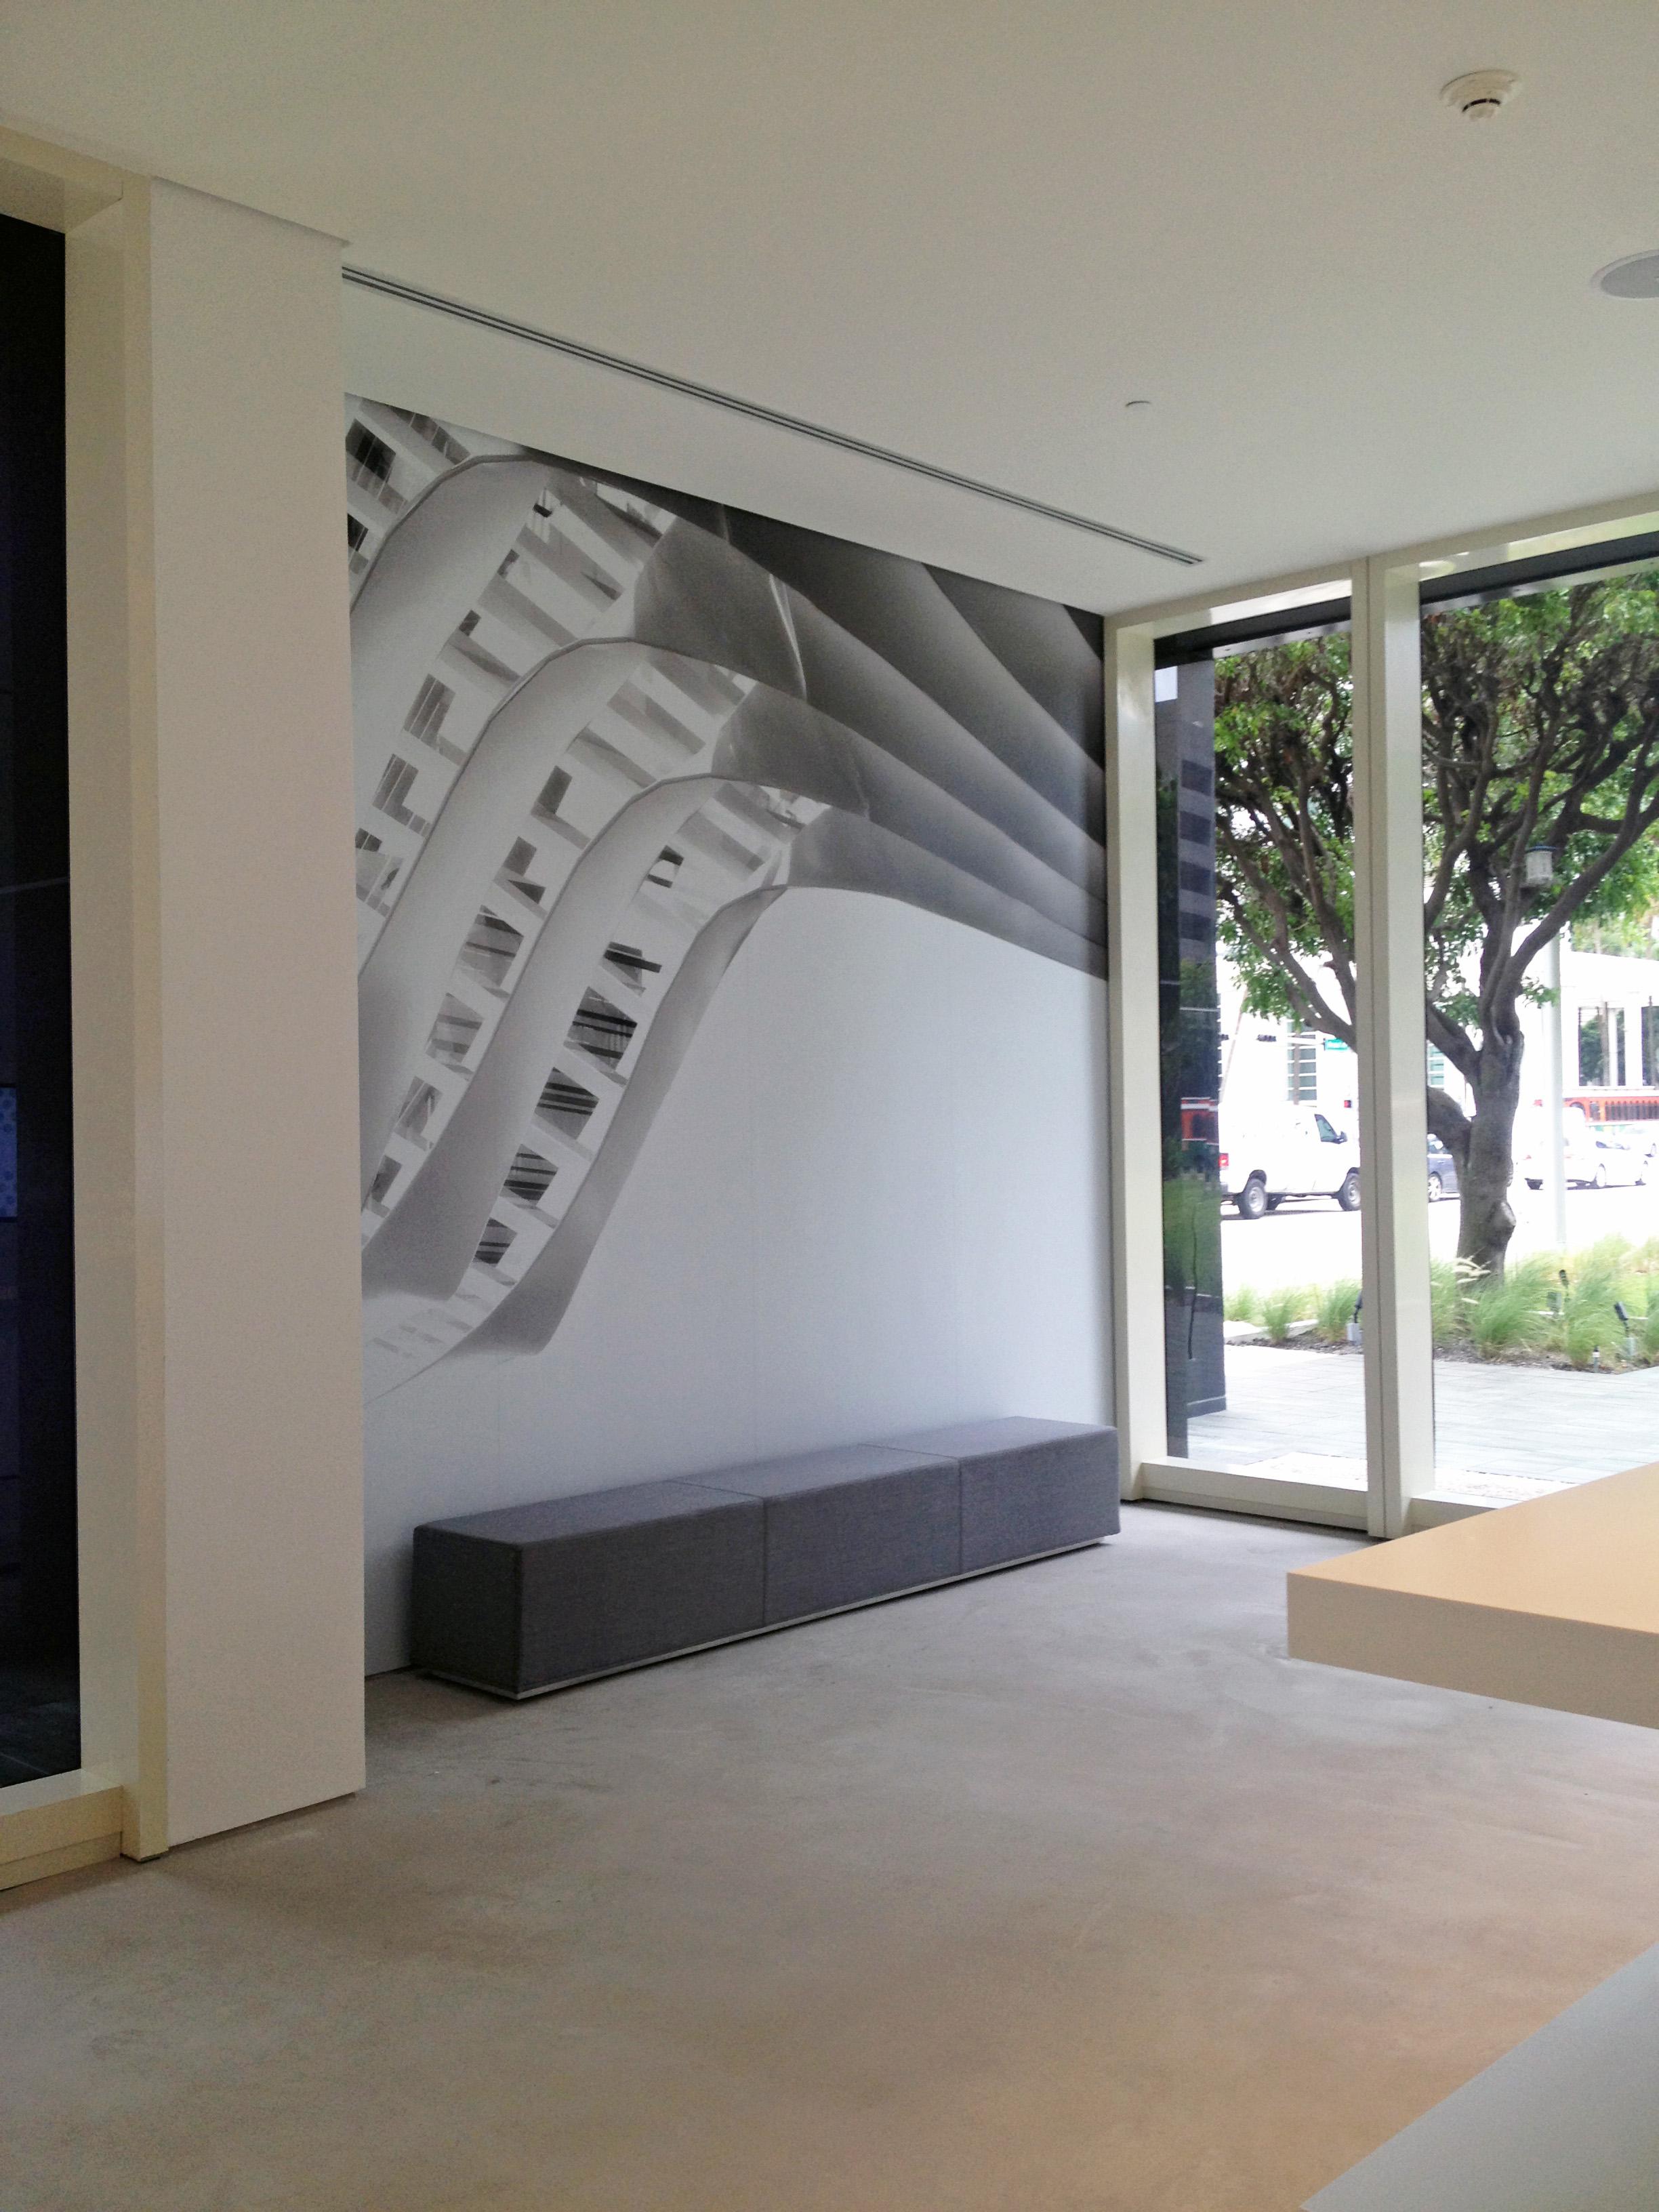 ashesive vinyl mural